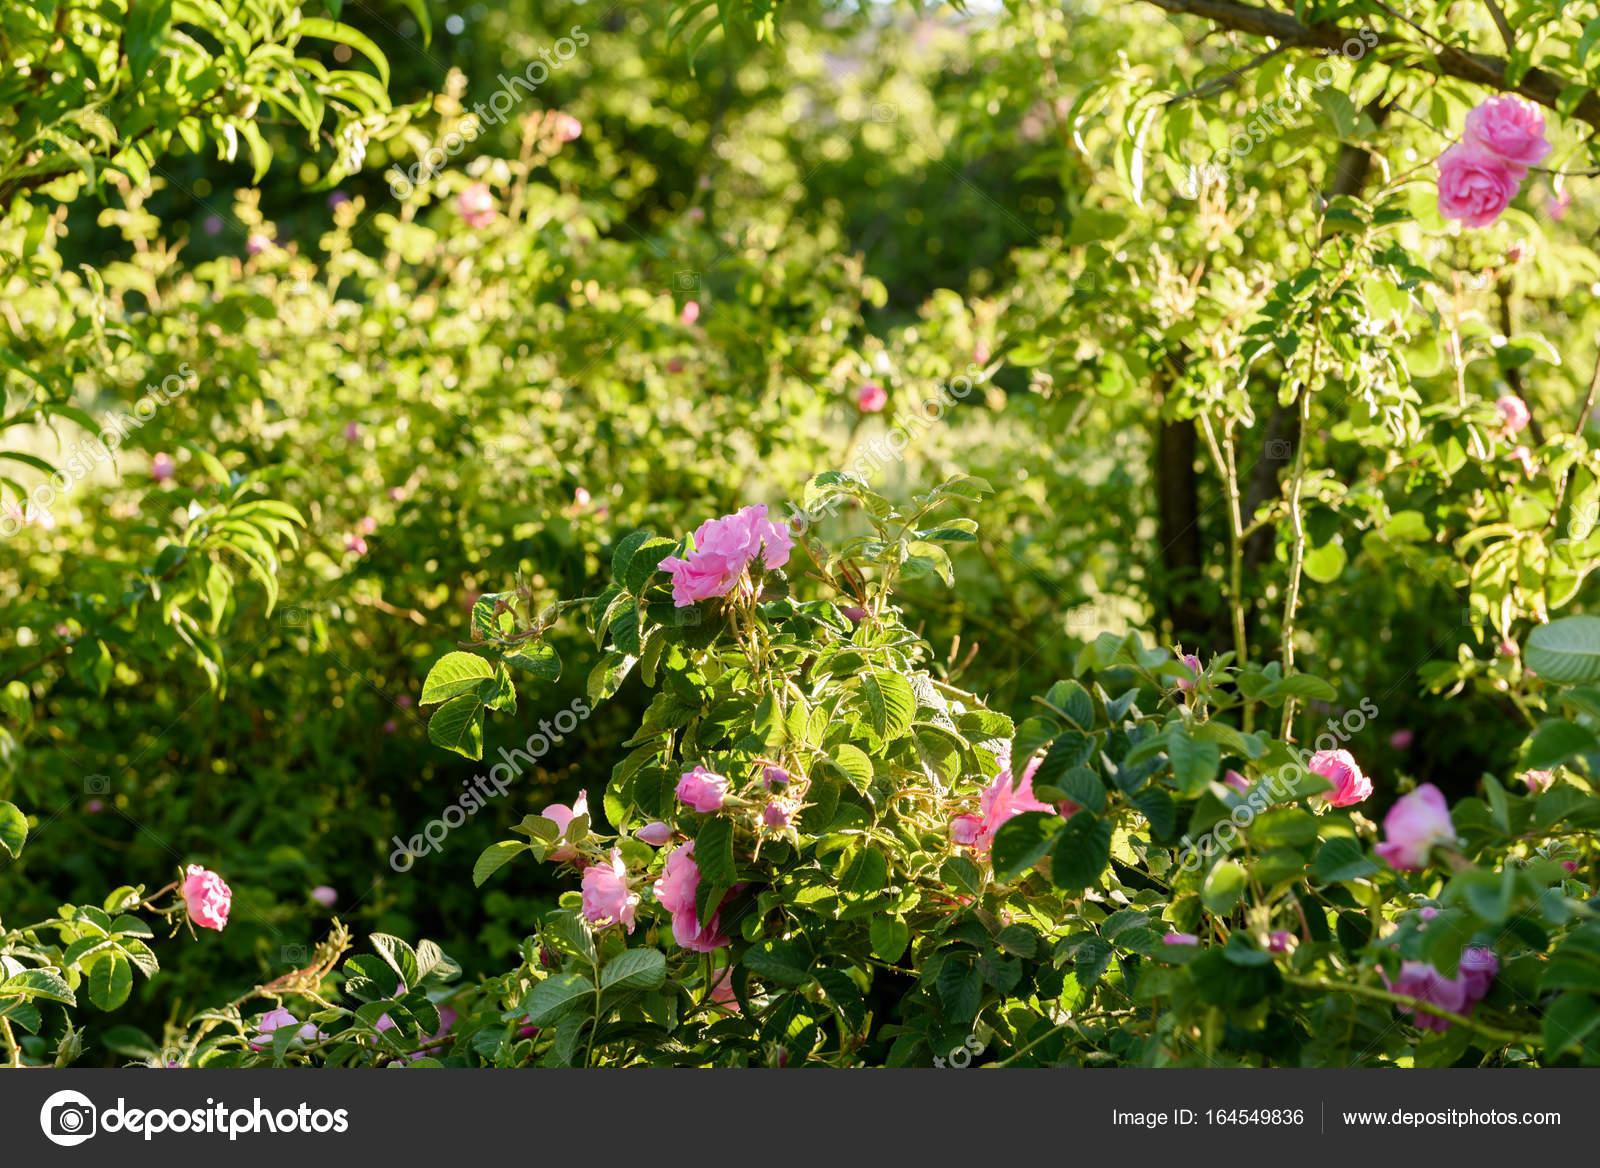 I giardini di rose a kalaat mgouna marocco u2014 foto stock